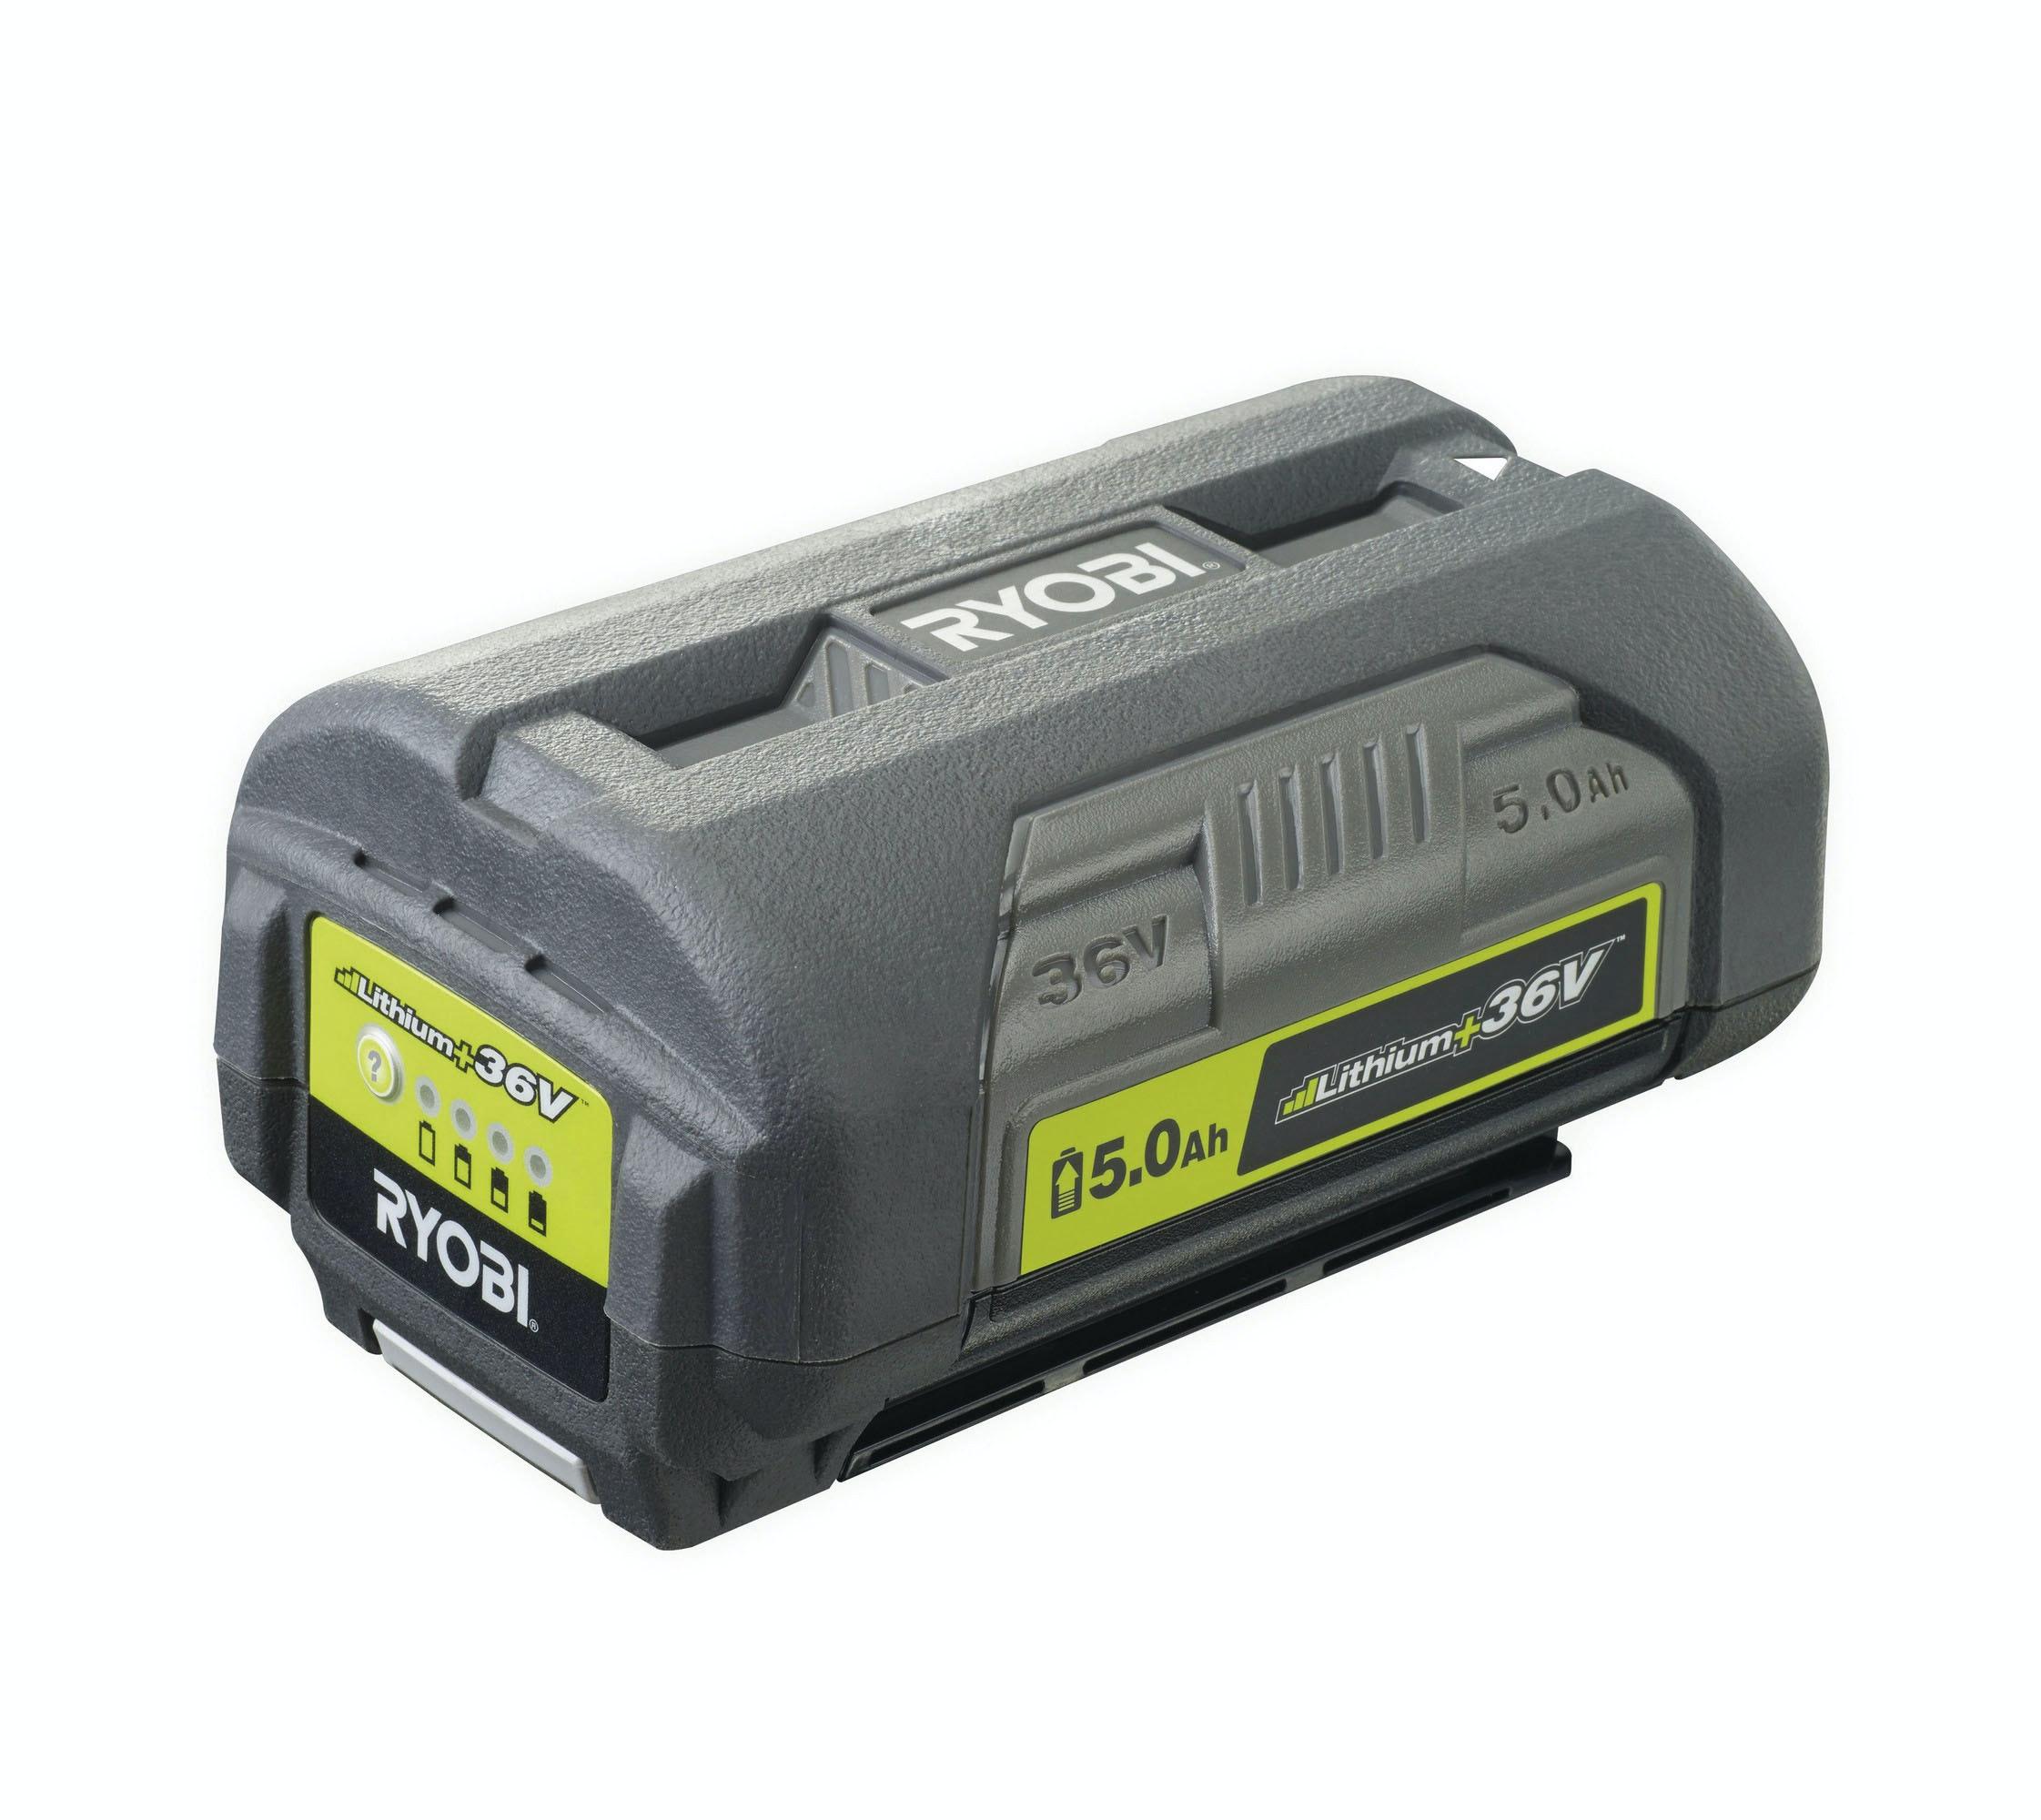 Batteri Ryobi Tillbehör 36V 5,0Ah BPL3650D